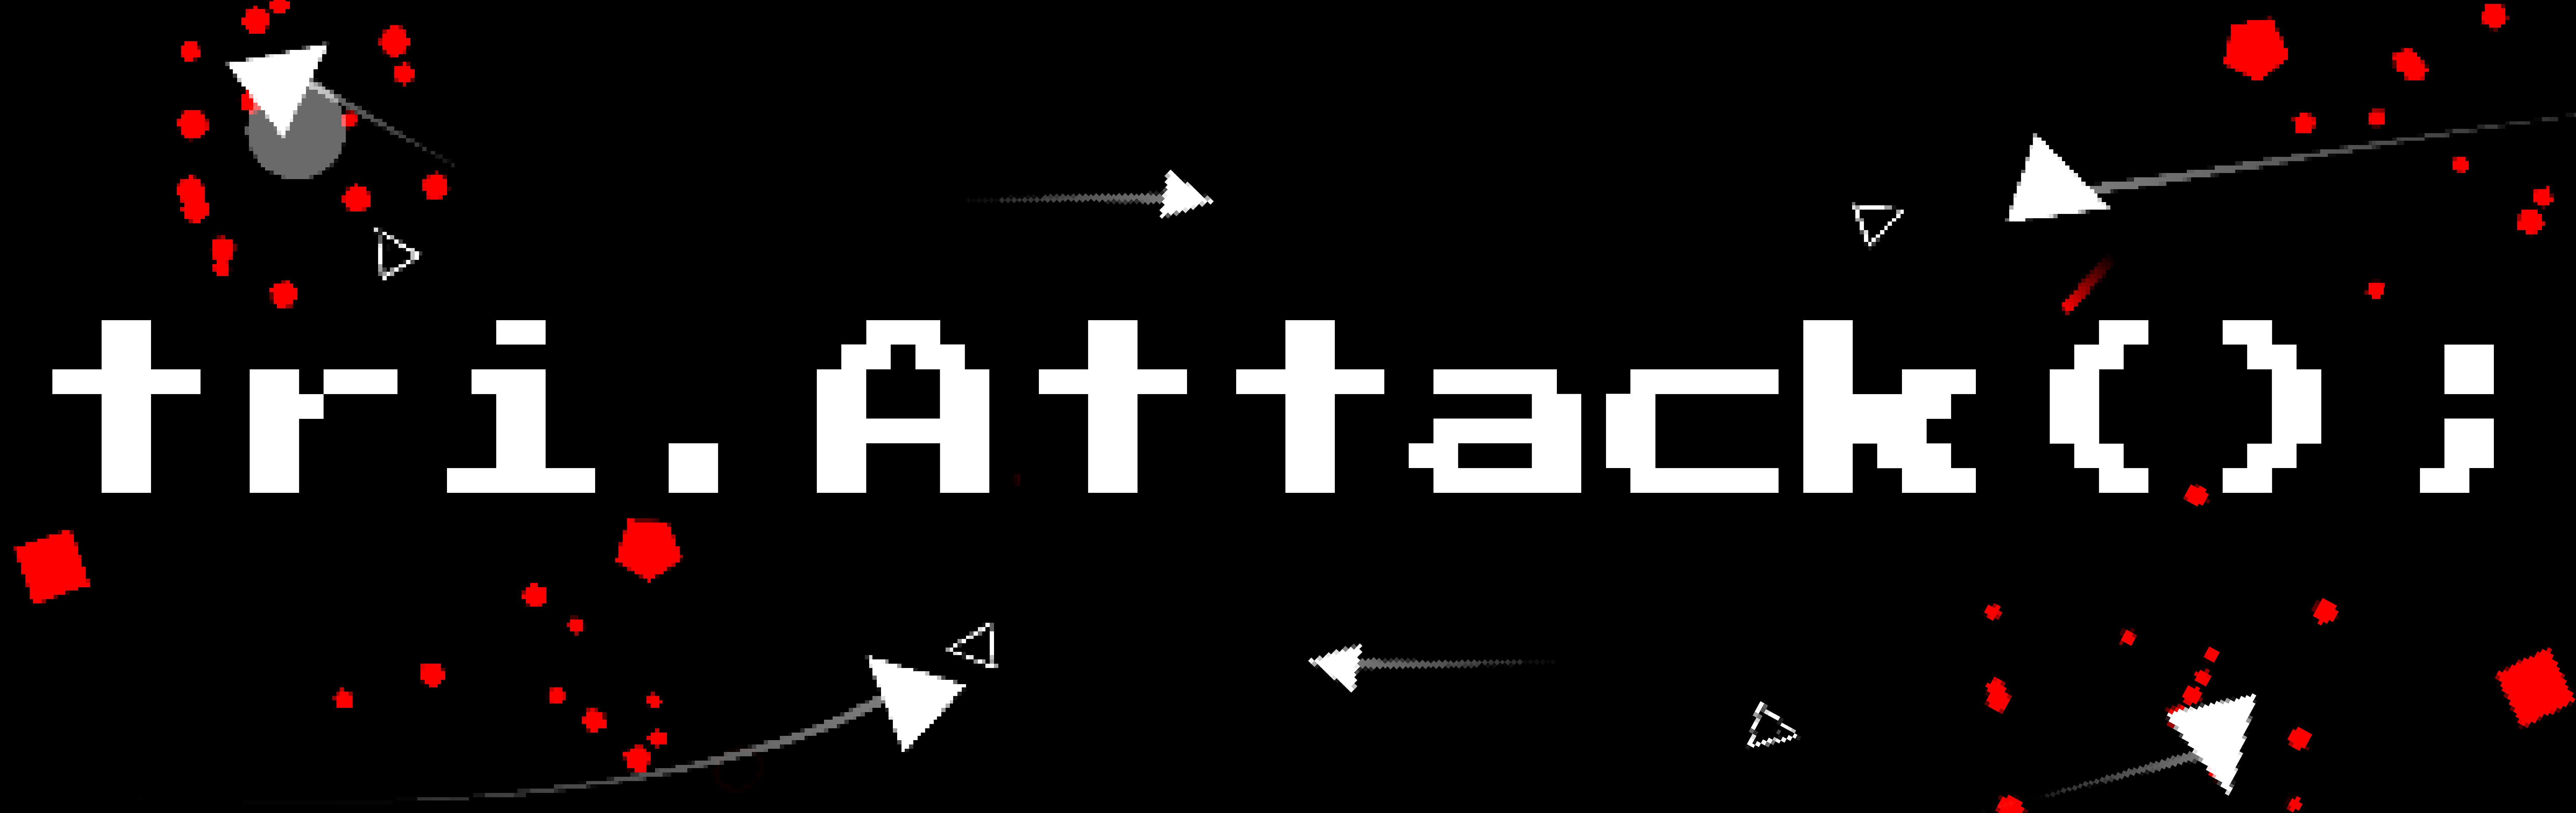 tri.Attack();